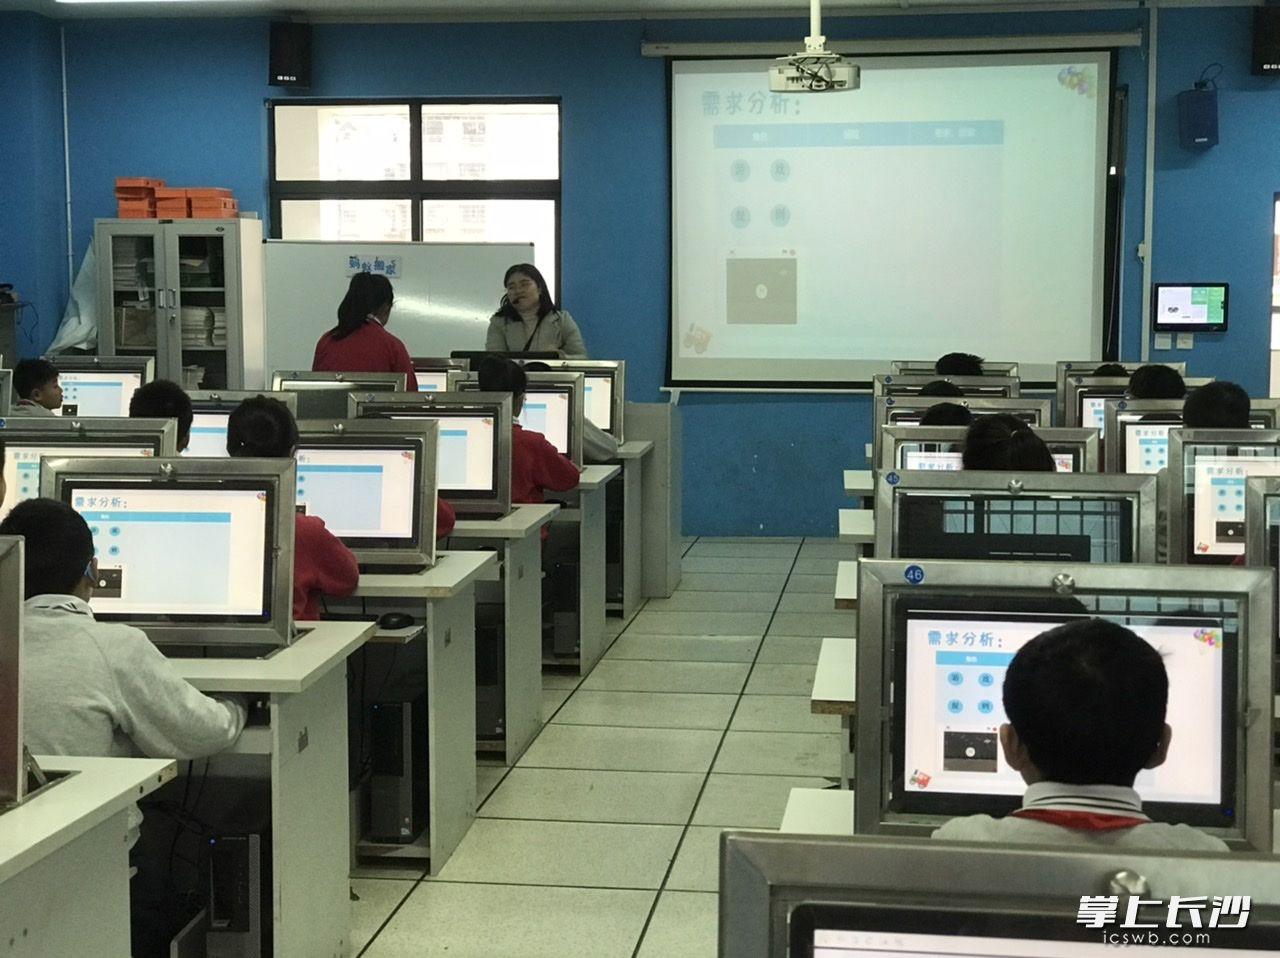 芙蓉区育英西垅小学周蓉老师教学生学习《蚂蚁搬家》。照片由学校提供。